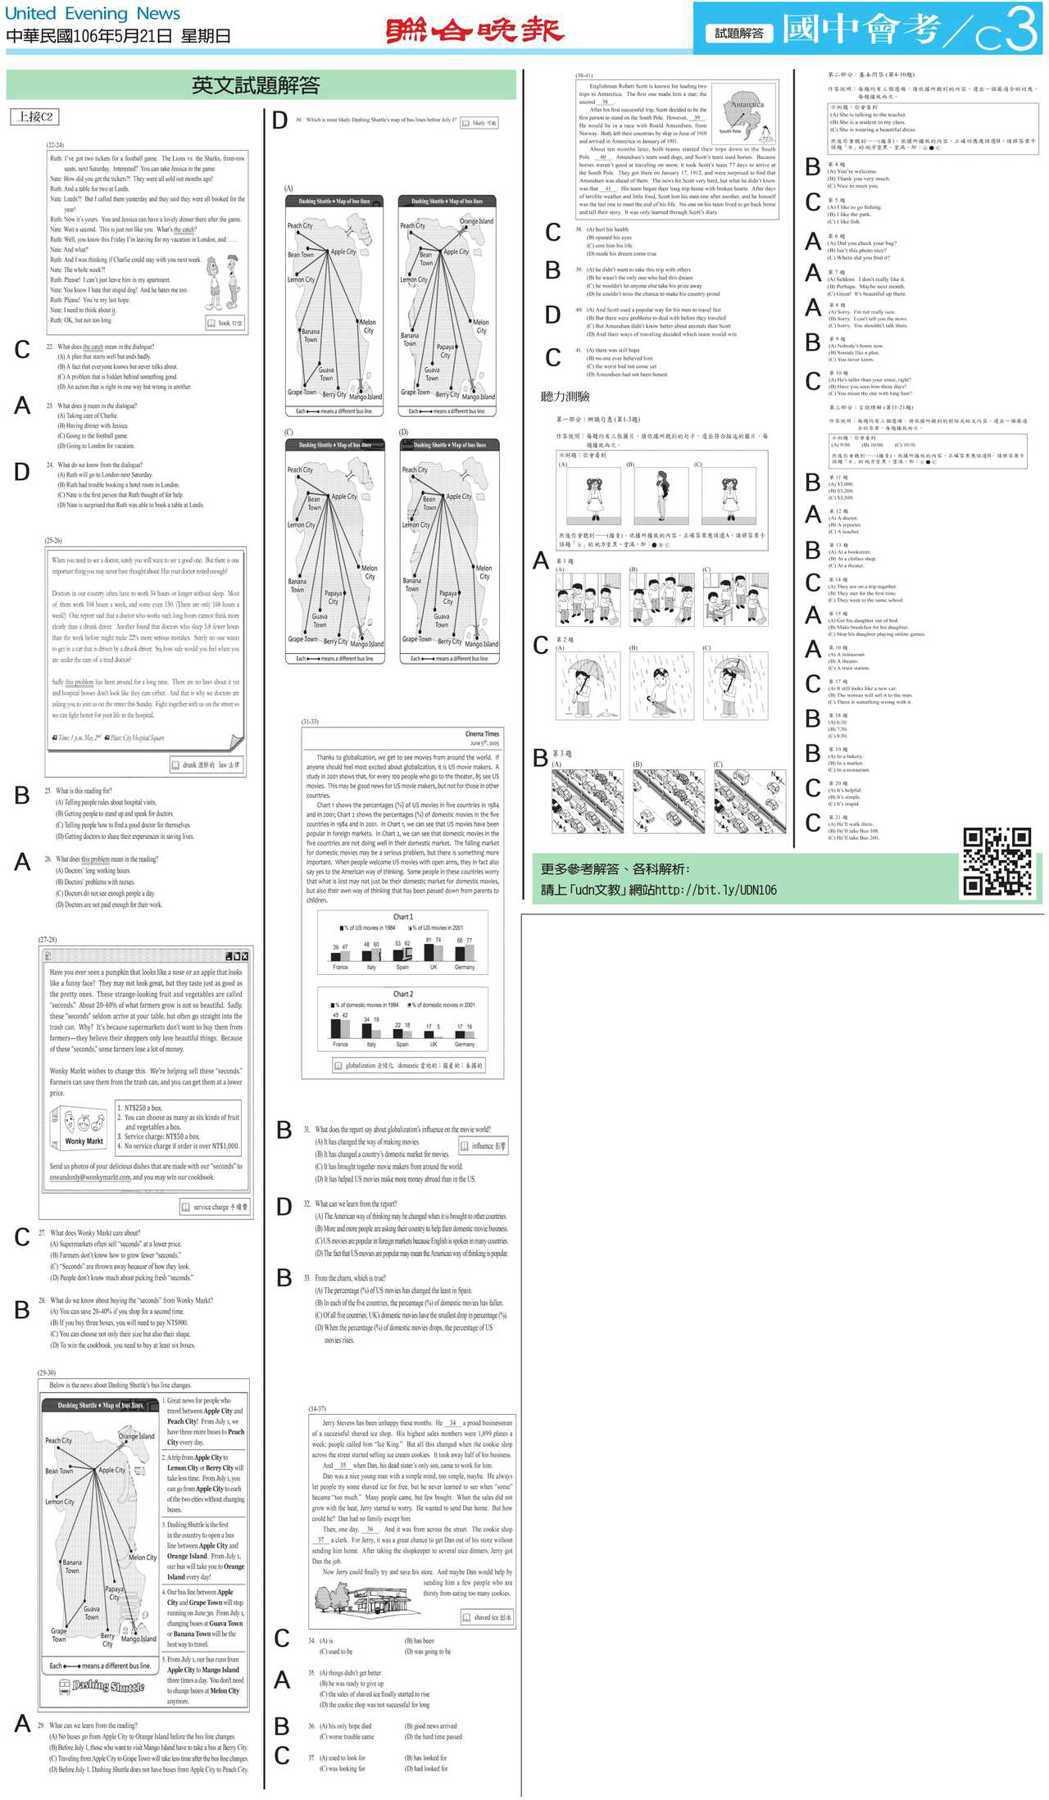 英文科完整解答-2(點我看大圖) 聯合晚報製作